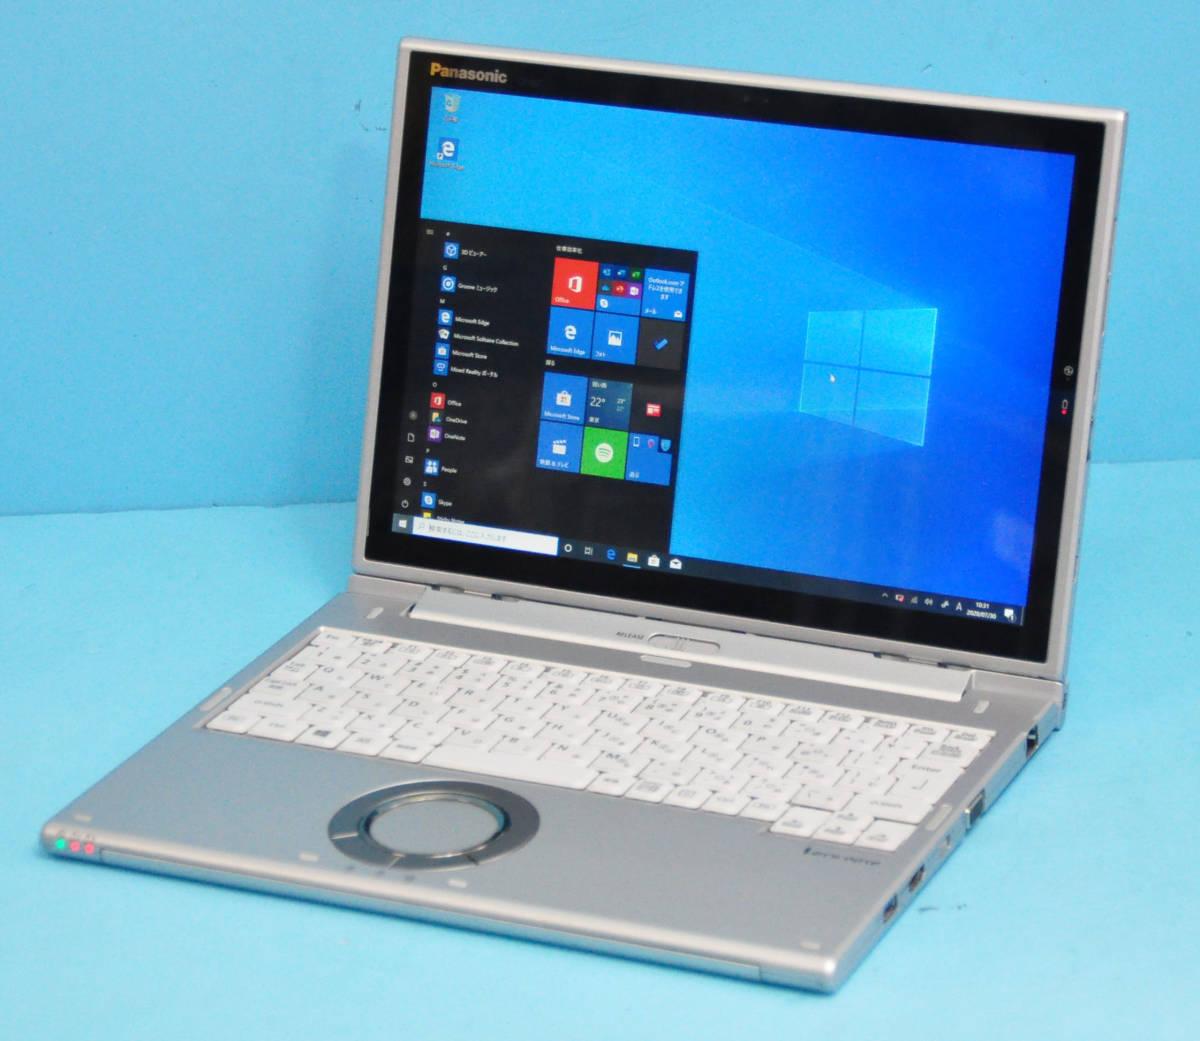 ★ 上位モデル 使用時間1650H ★ タッチパネル Panasonic CF-XZ6 Core i5 7300U/ メモリ8GB/ SSD 256GB/ 顔認証カメラ/ Office2019/ Win10_画像6